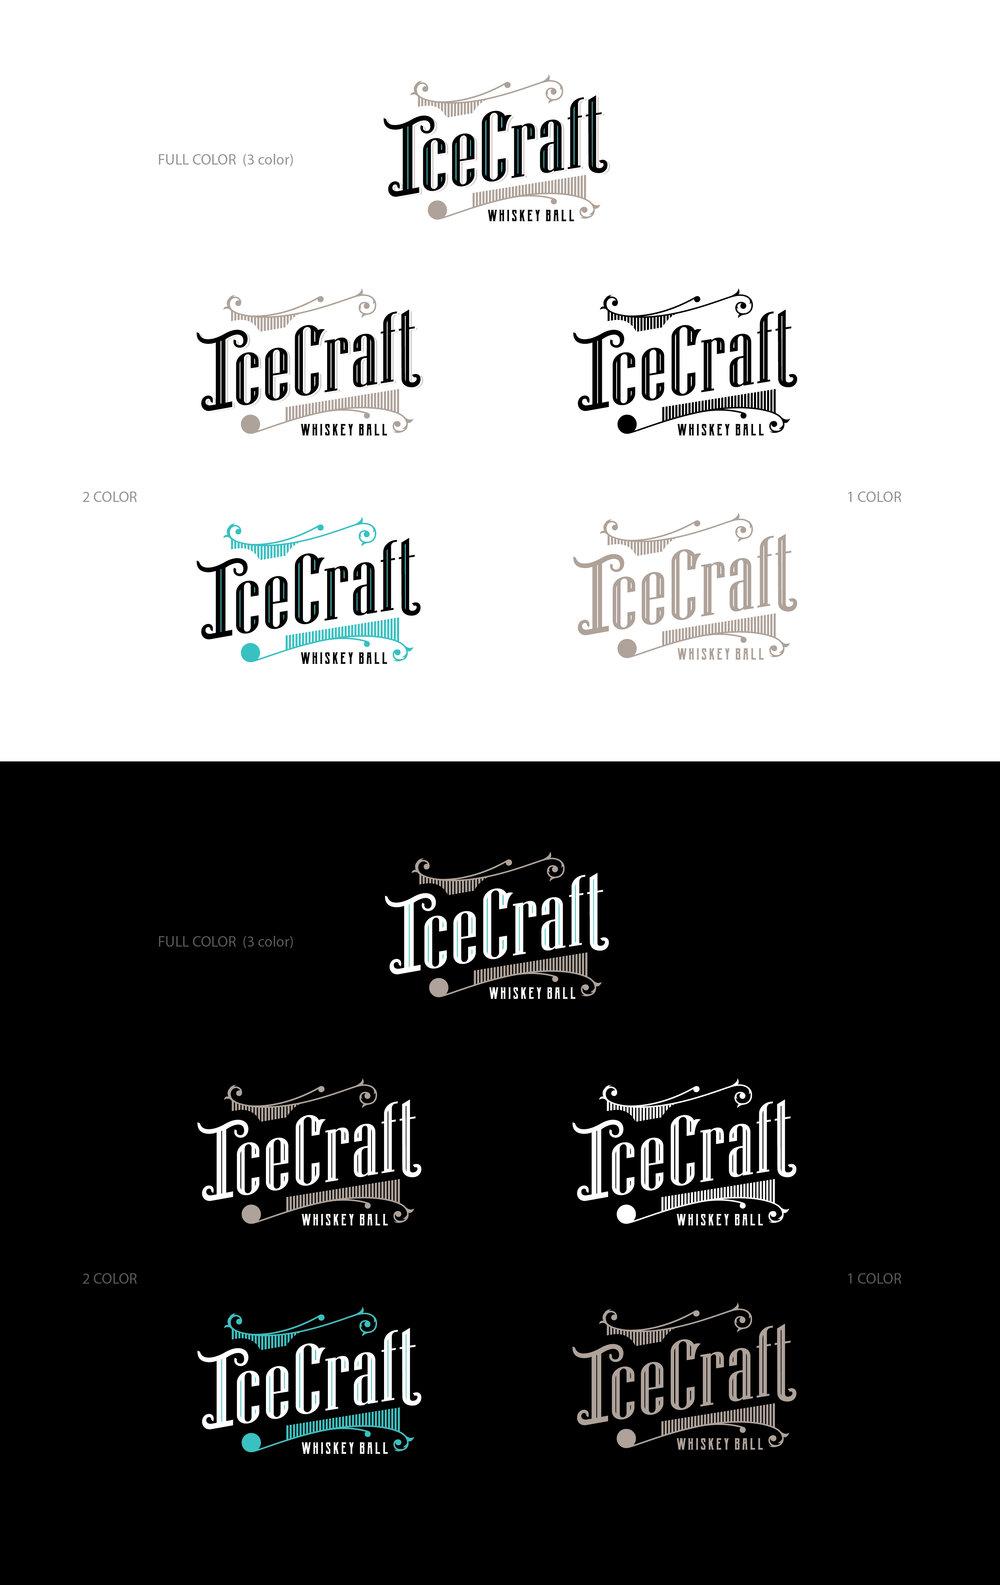 whiskey-ball-logo-design-by-jordan-fretz-desgin-18-01.jpg